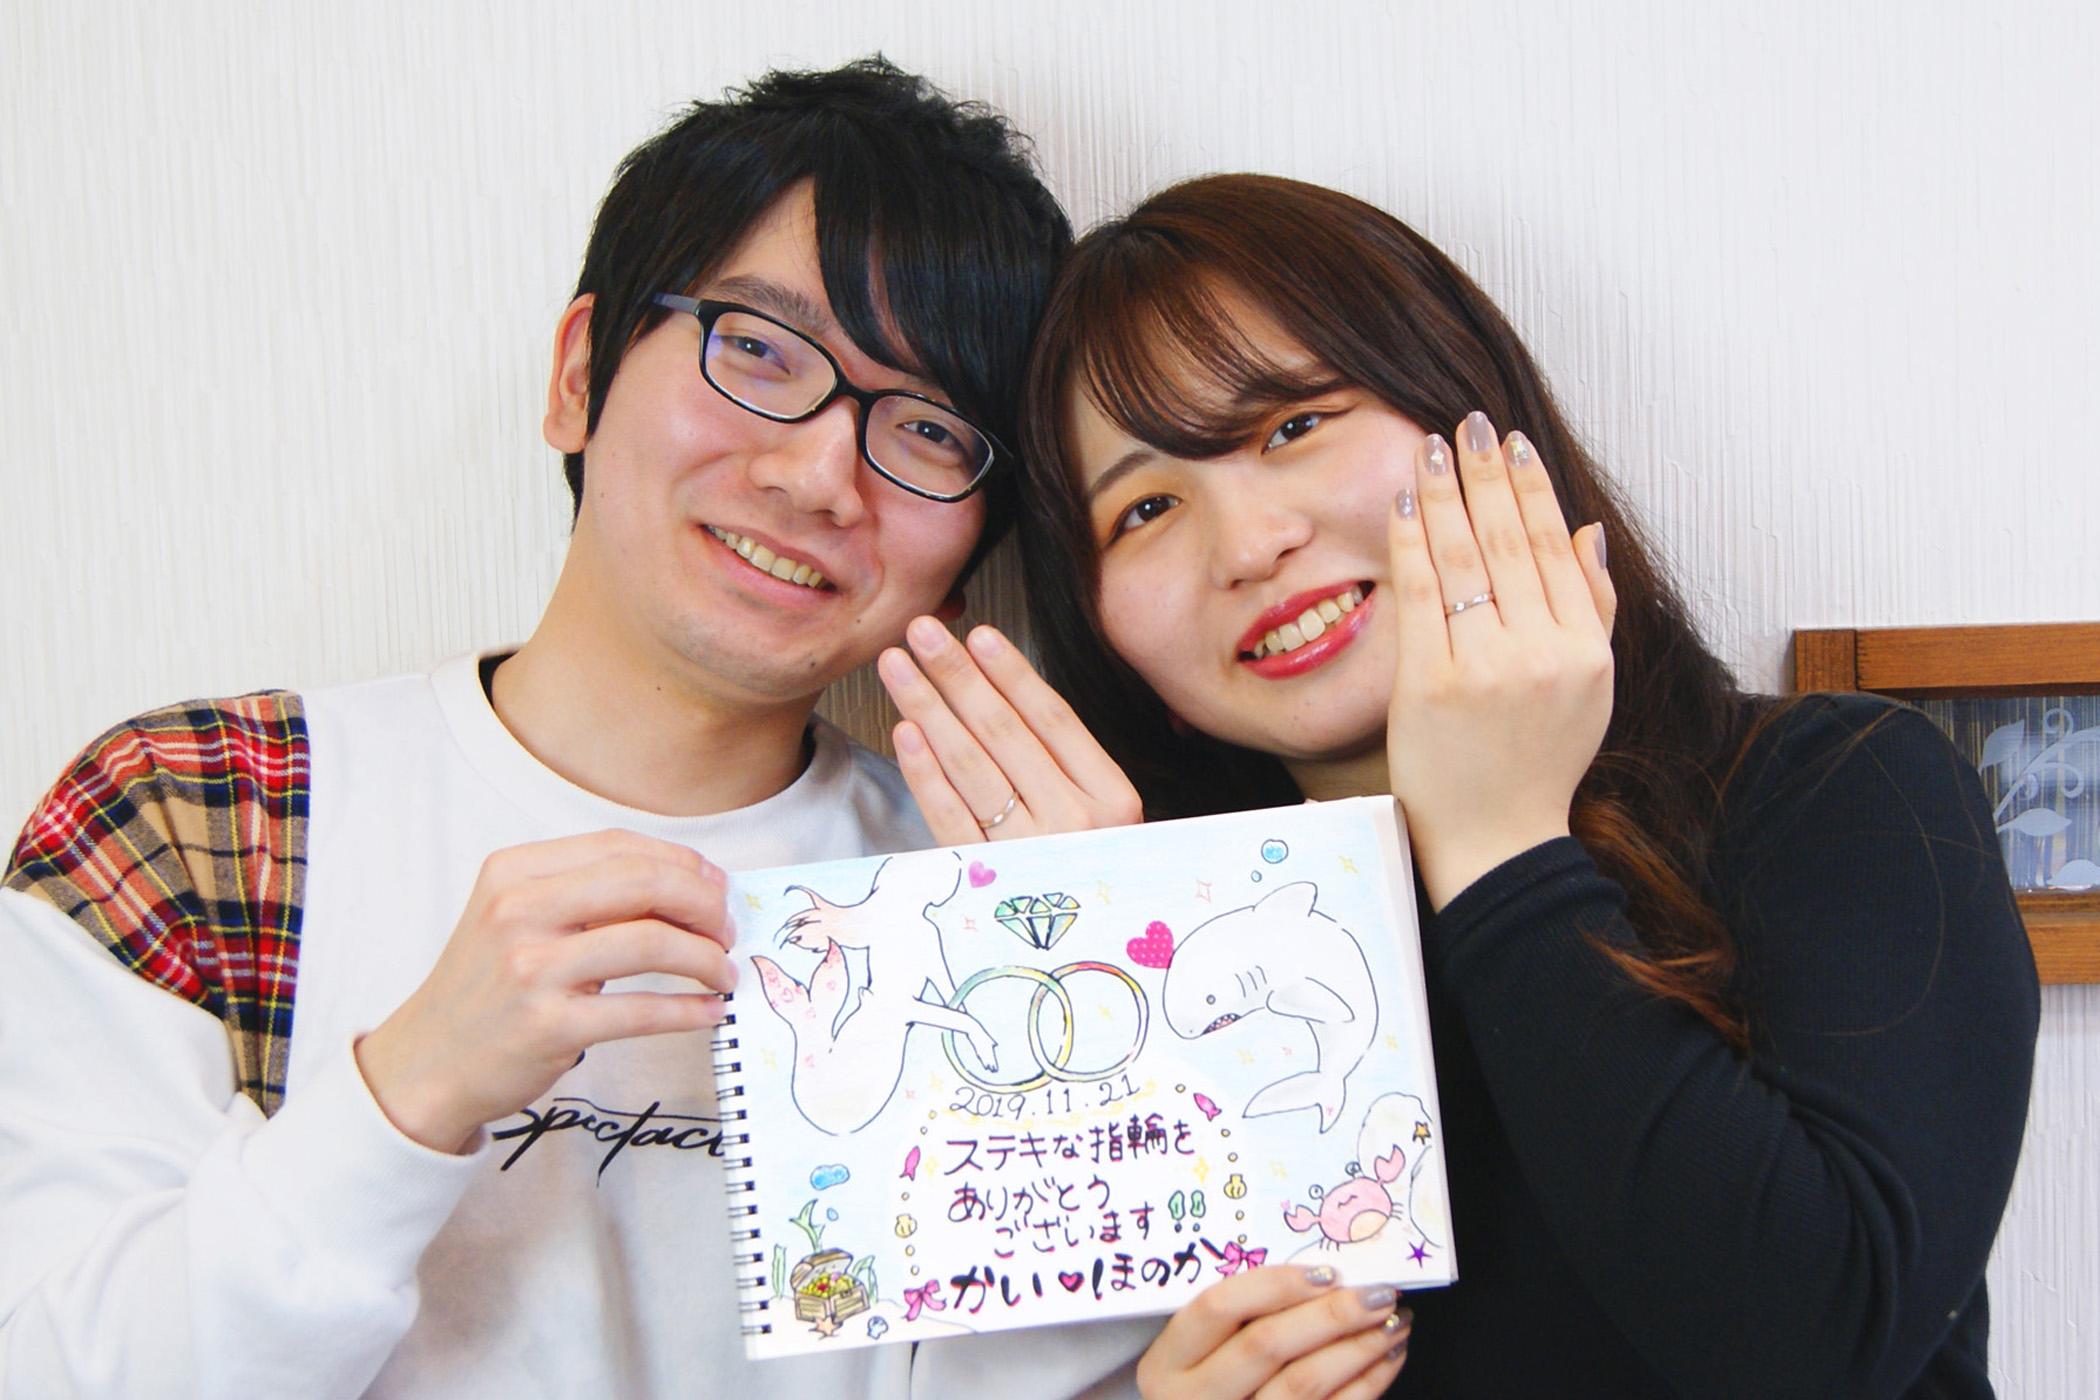 いわき市からお越しの作山さんご夫妻から結婚指輪をご依頼頂きました/kazariyaYui福島県郡山市